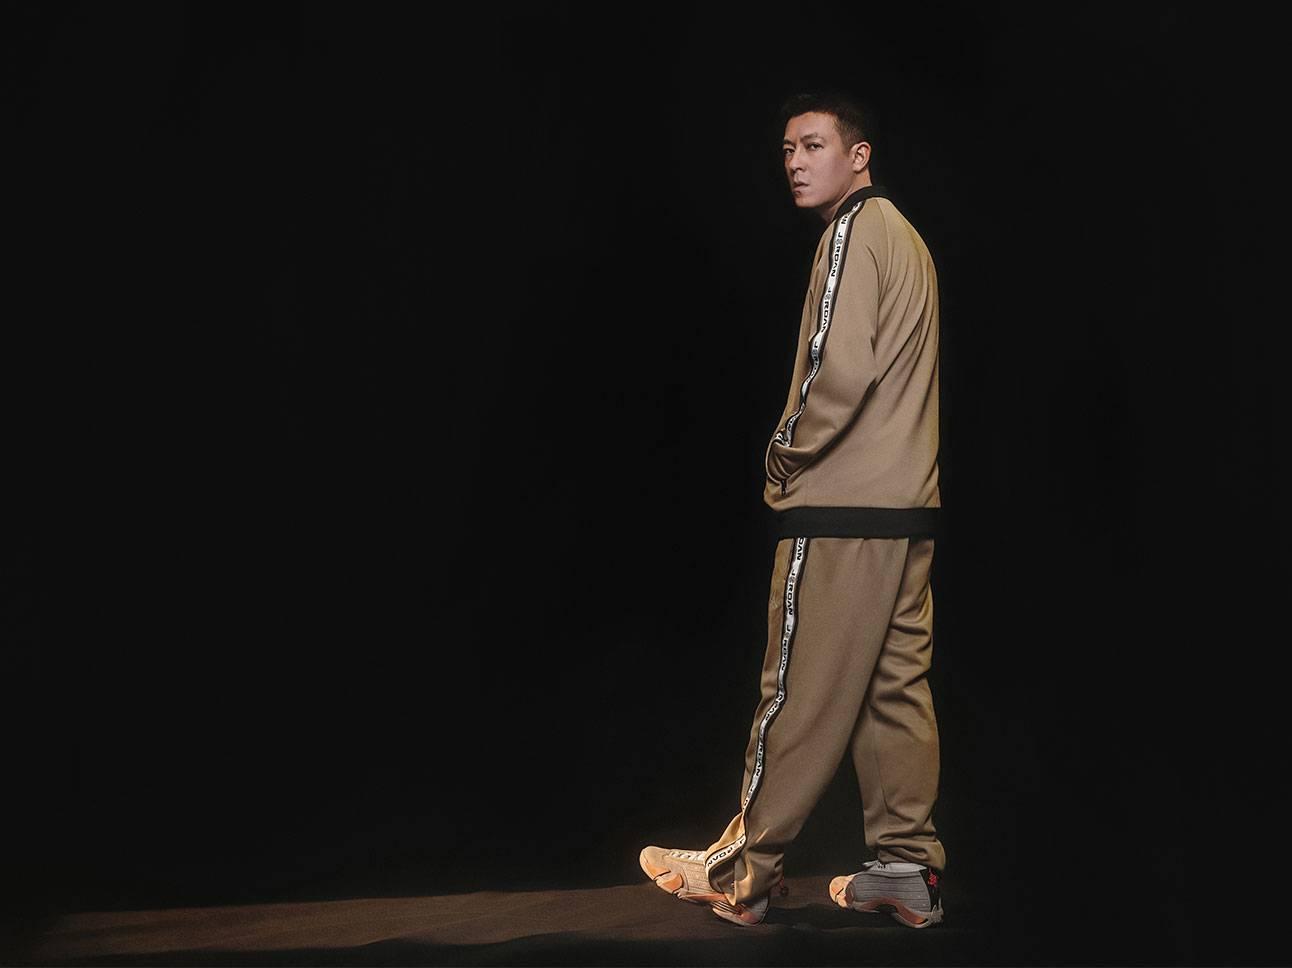 CLOT x Air Jordan 14 Low「Terracotta」官方發售情報來襲!陳冠希親自演繹